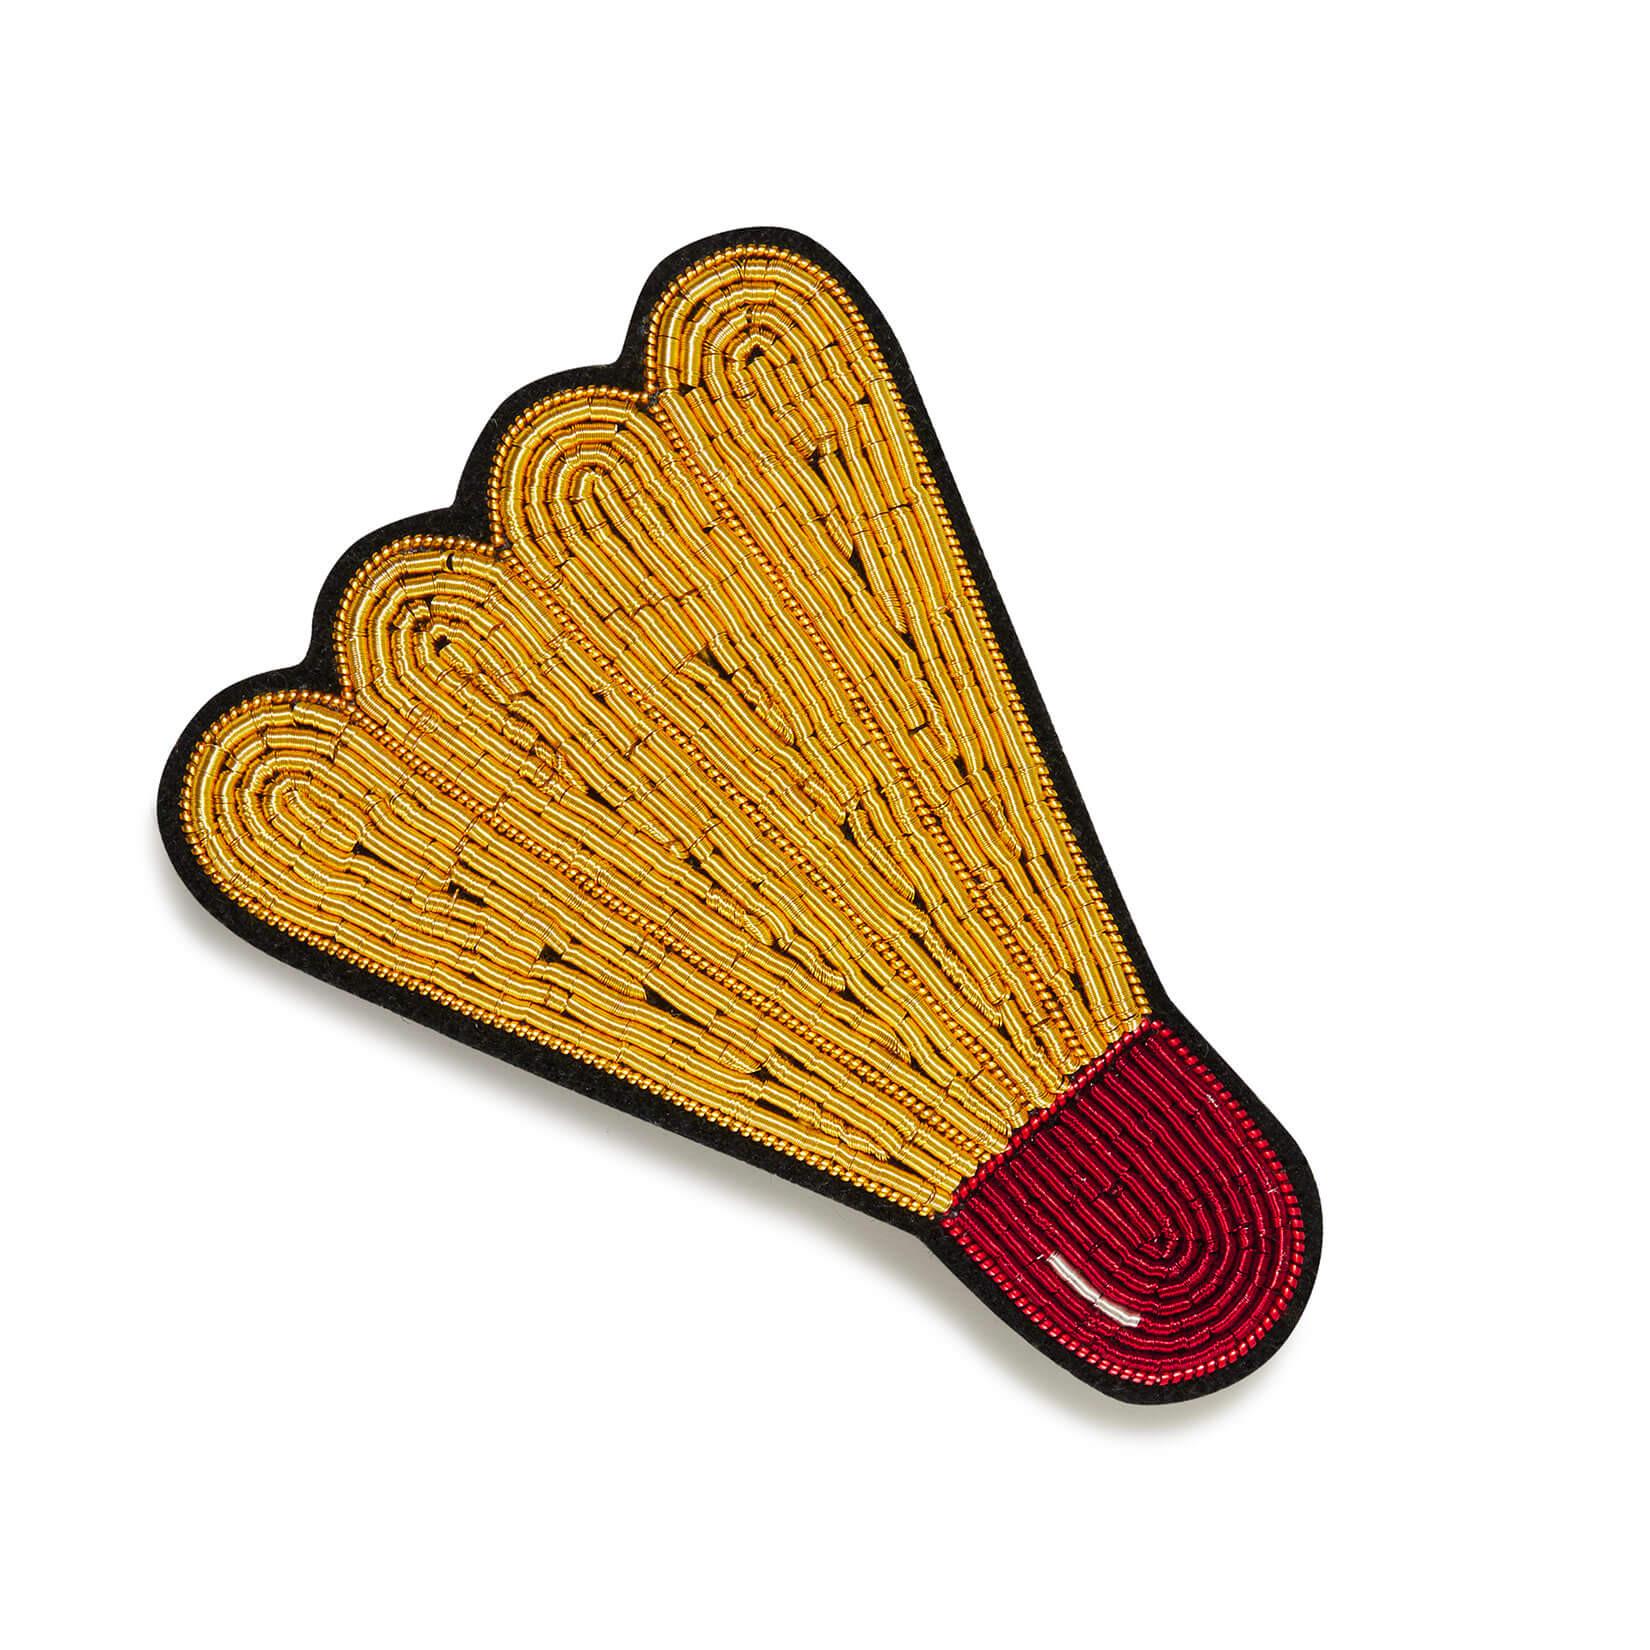 印度丝徽章手工刺绣羽毛球发夹头饰,对于毛茸茸的运动场  尺寸:约49x65mm